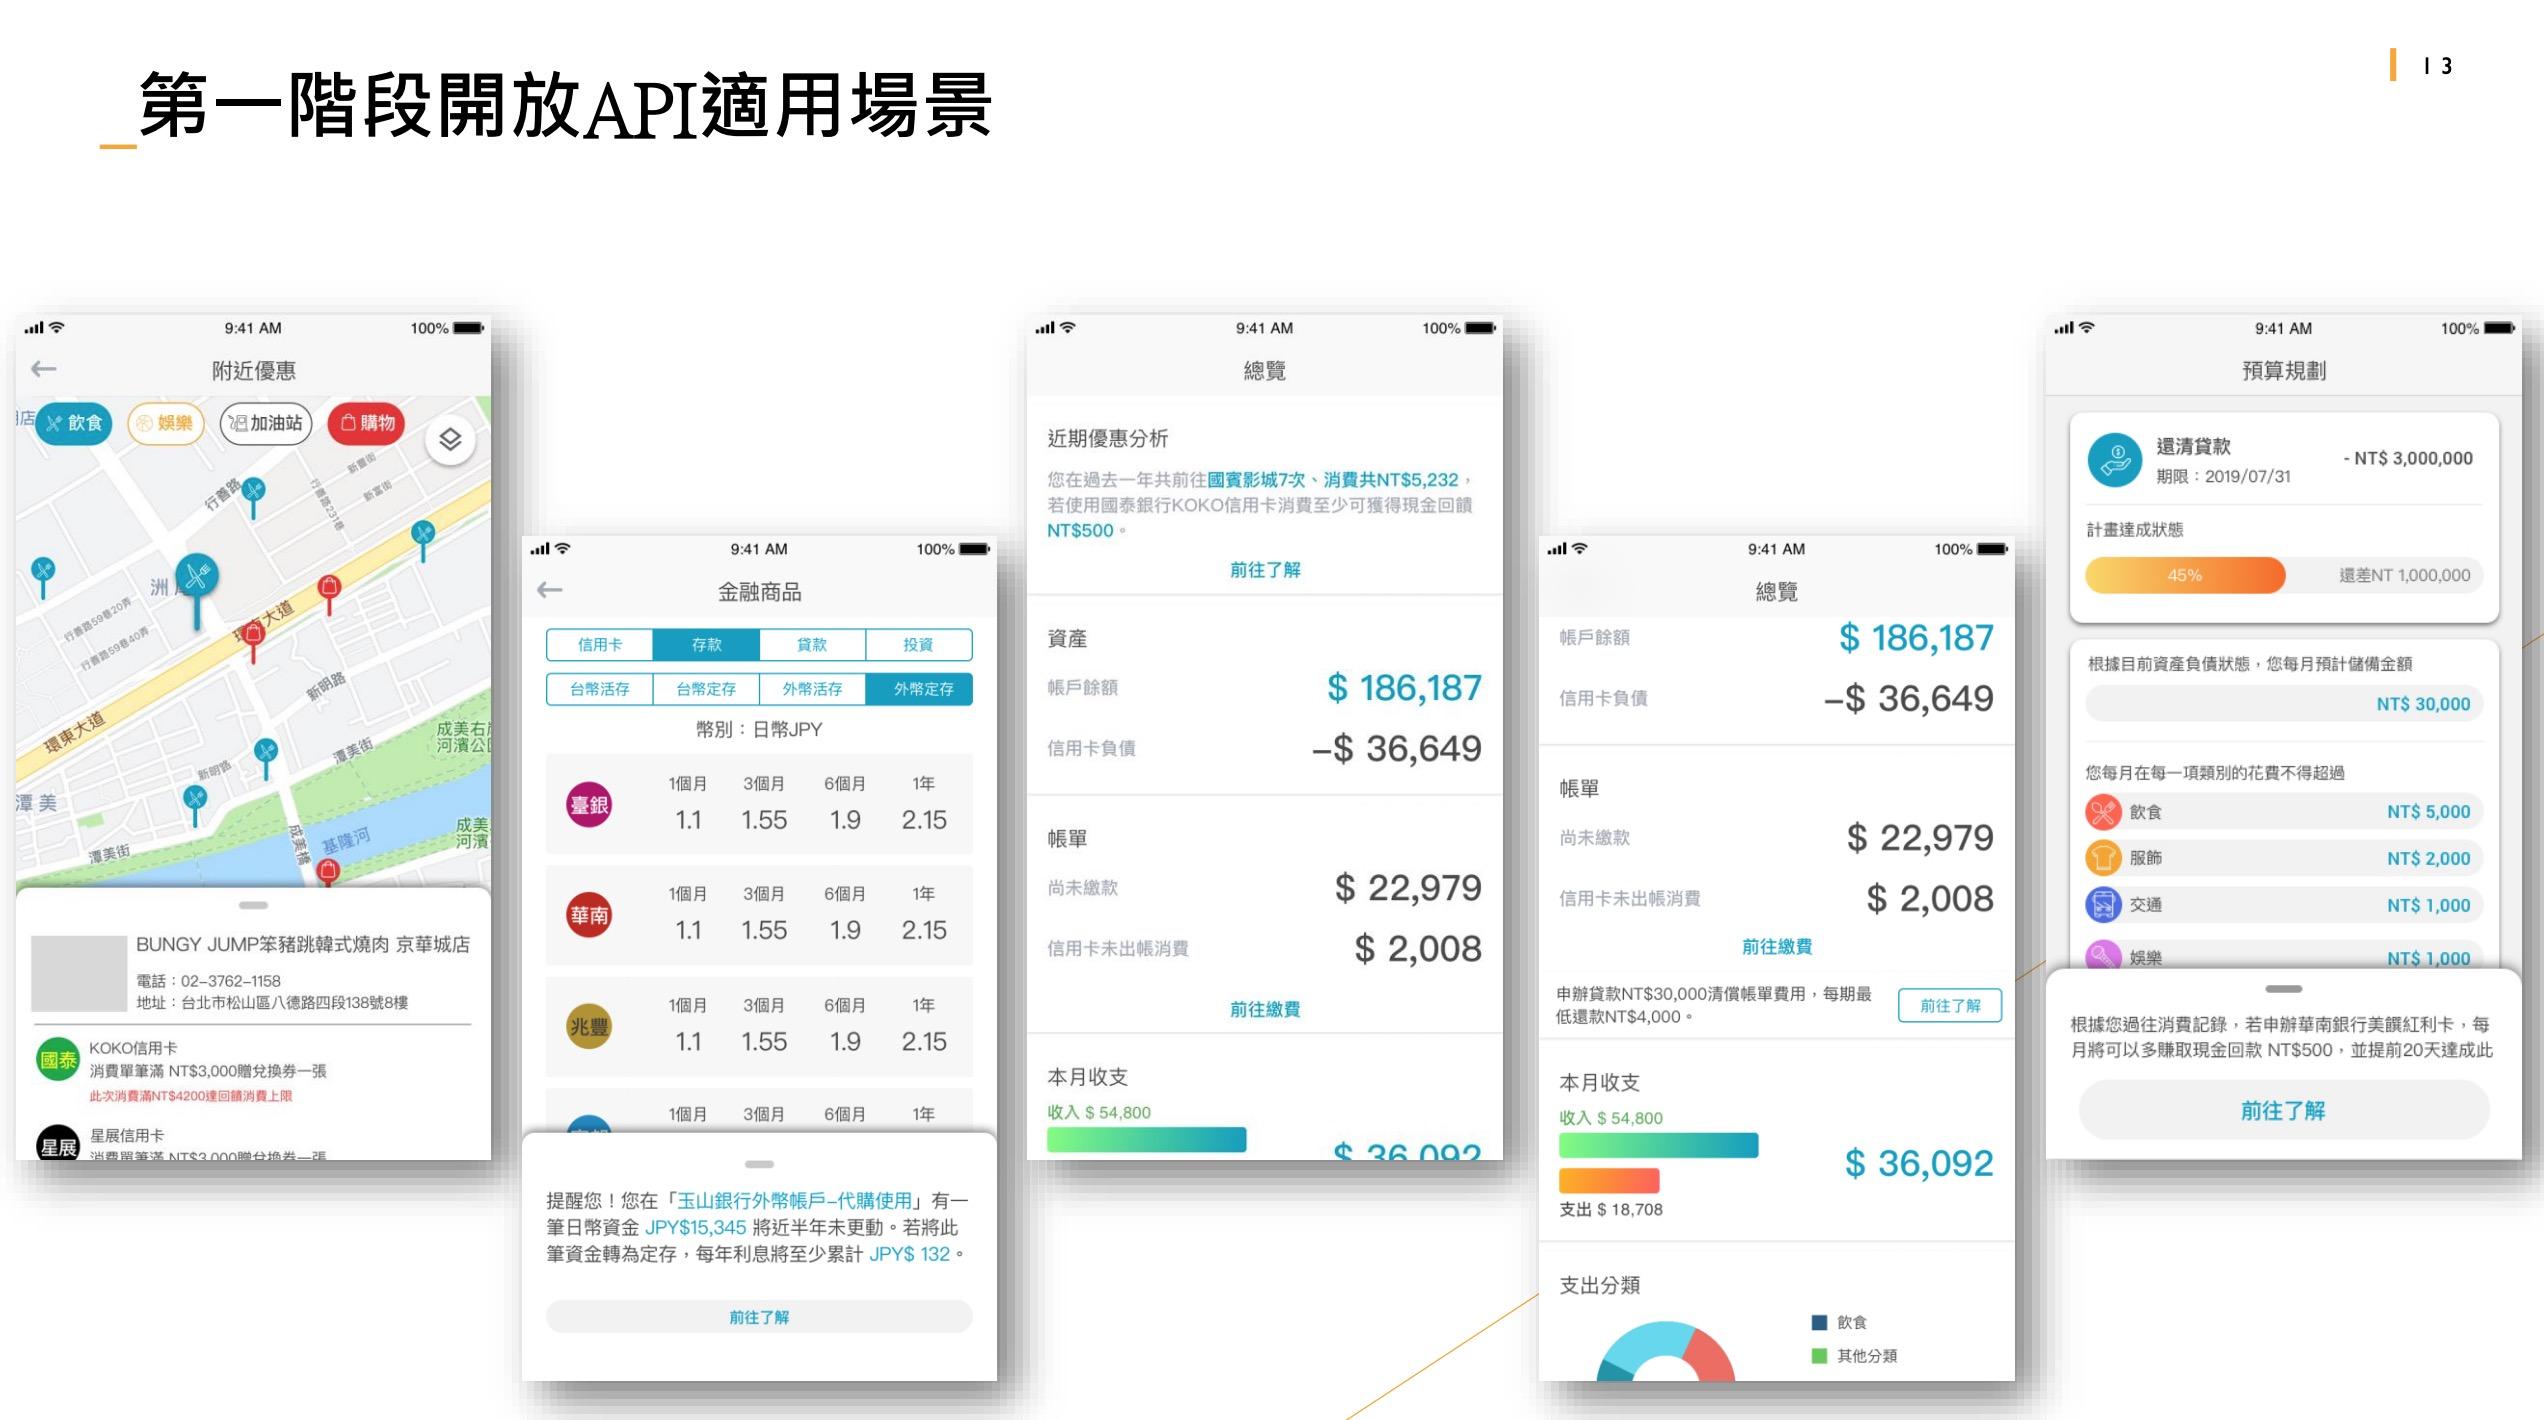 台灣金融業的悶聲革命「開放銀行」 消費者用得好可以大省荷包